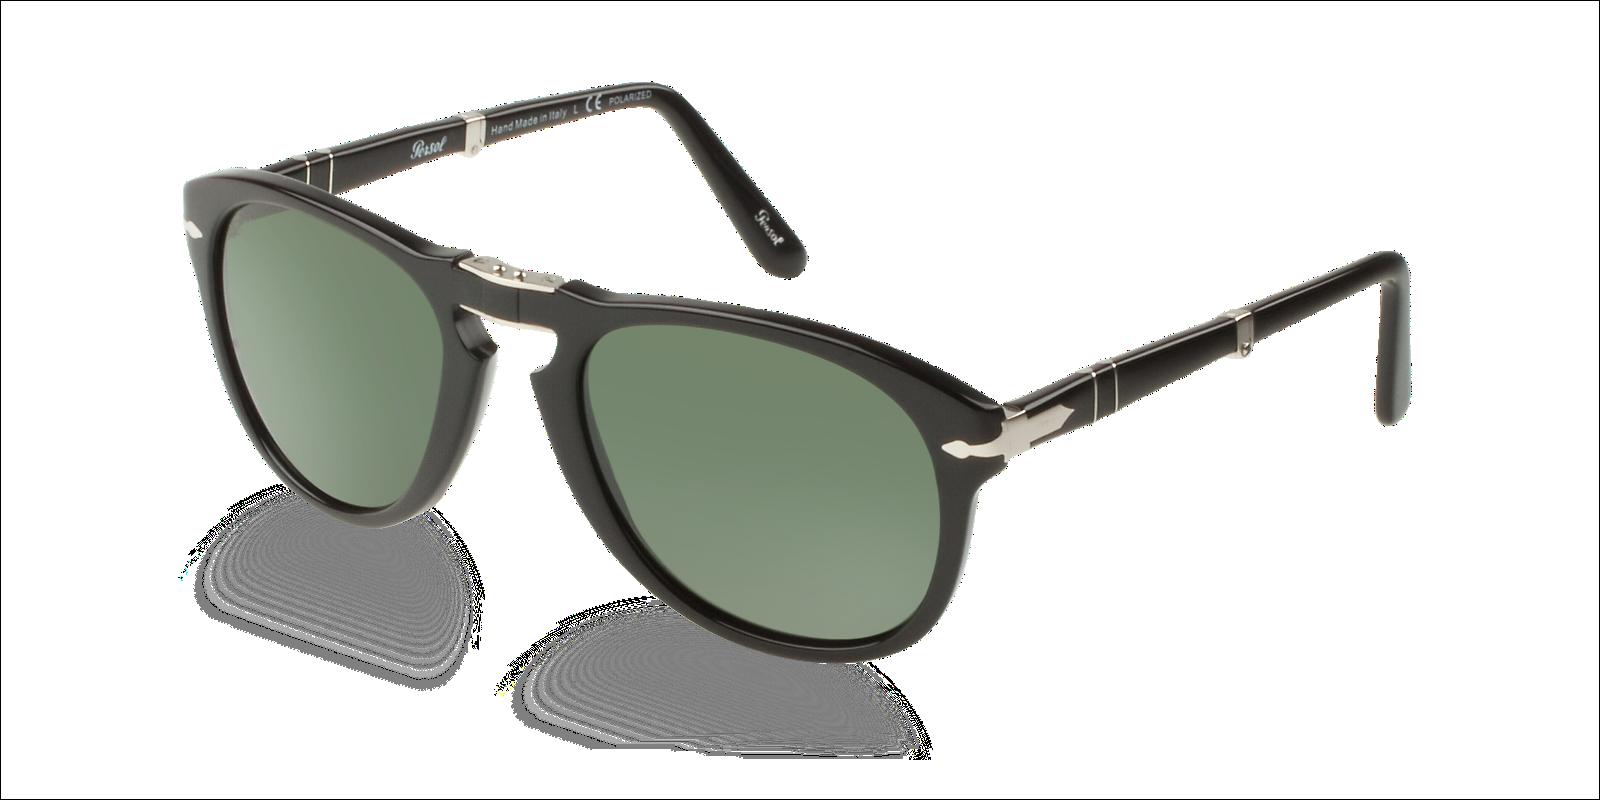 9c7447f35c Las primeras ni son un lanzamiento ni falta que les hace porque no son unas  gafas de sol cualesquiera  son las gafas de sol. Efectivamente